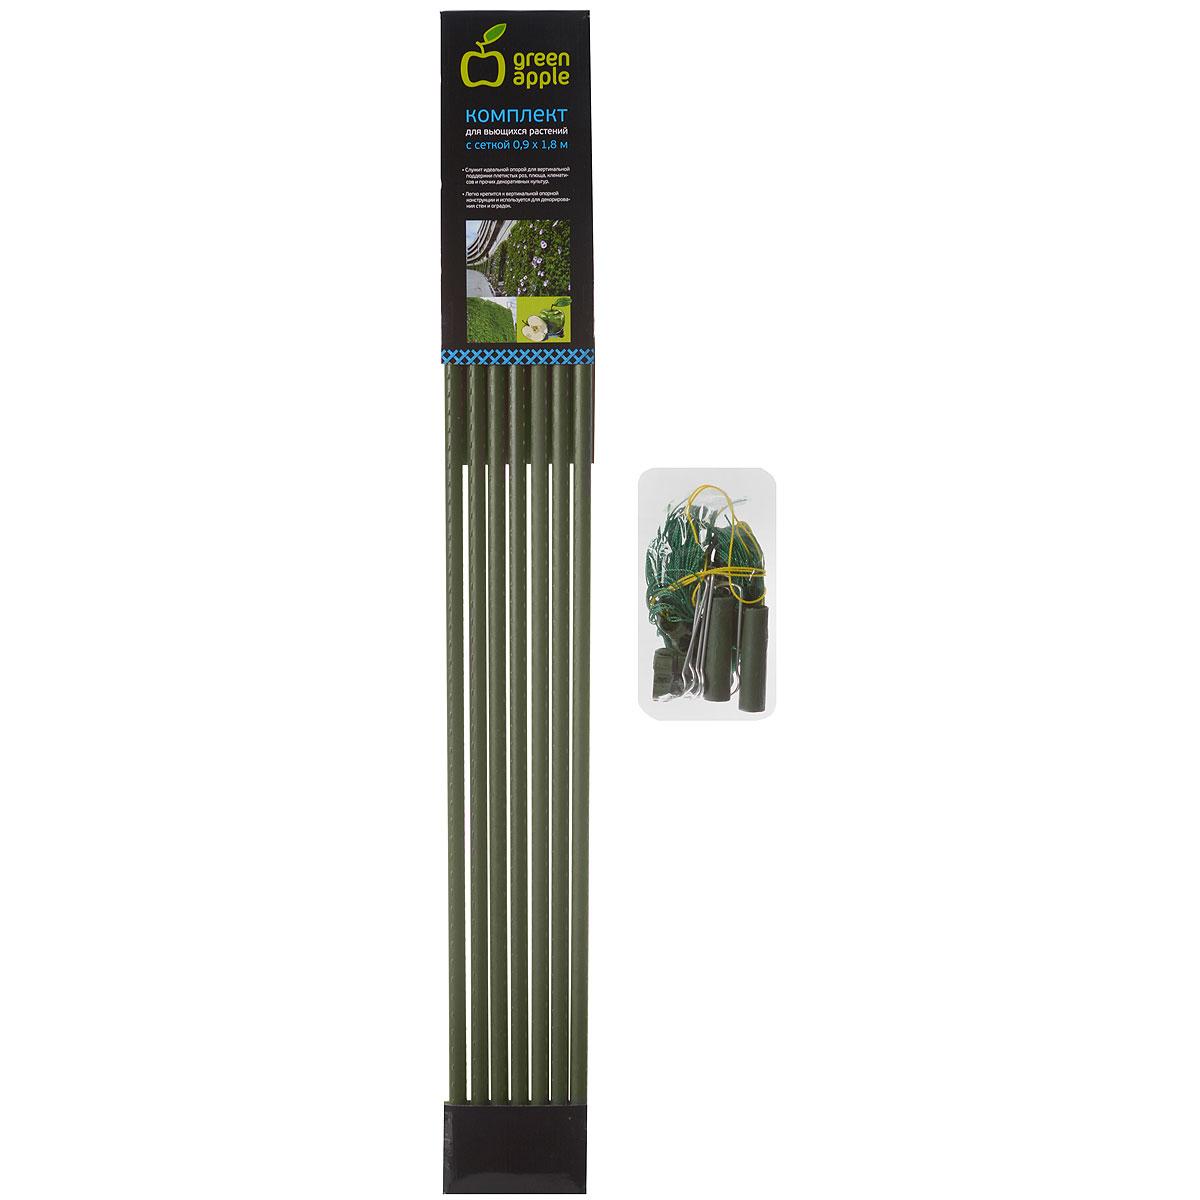 Комплект для вьющихся растений Green Apple GLSCL-2, сборный, с сеткой 0,9 х 1,8 м790009Комплект для вьющихся растений служит идеальной опорой для вертикальной поддержки плетистых роз, плюща, клематисов и прочих декоративных культур.Легко крепится к вертикальной опорной конструкции и используется для декорирования стен и оградок.